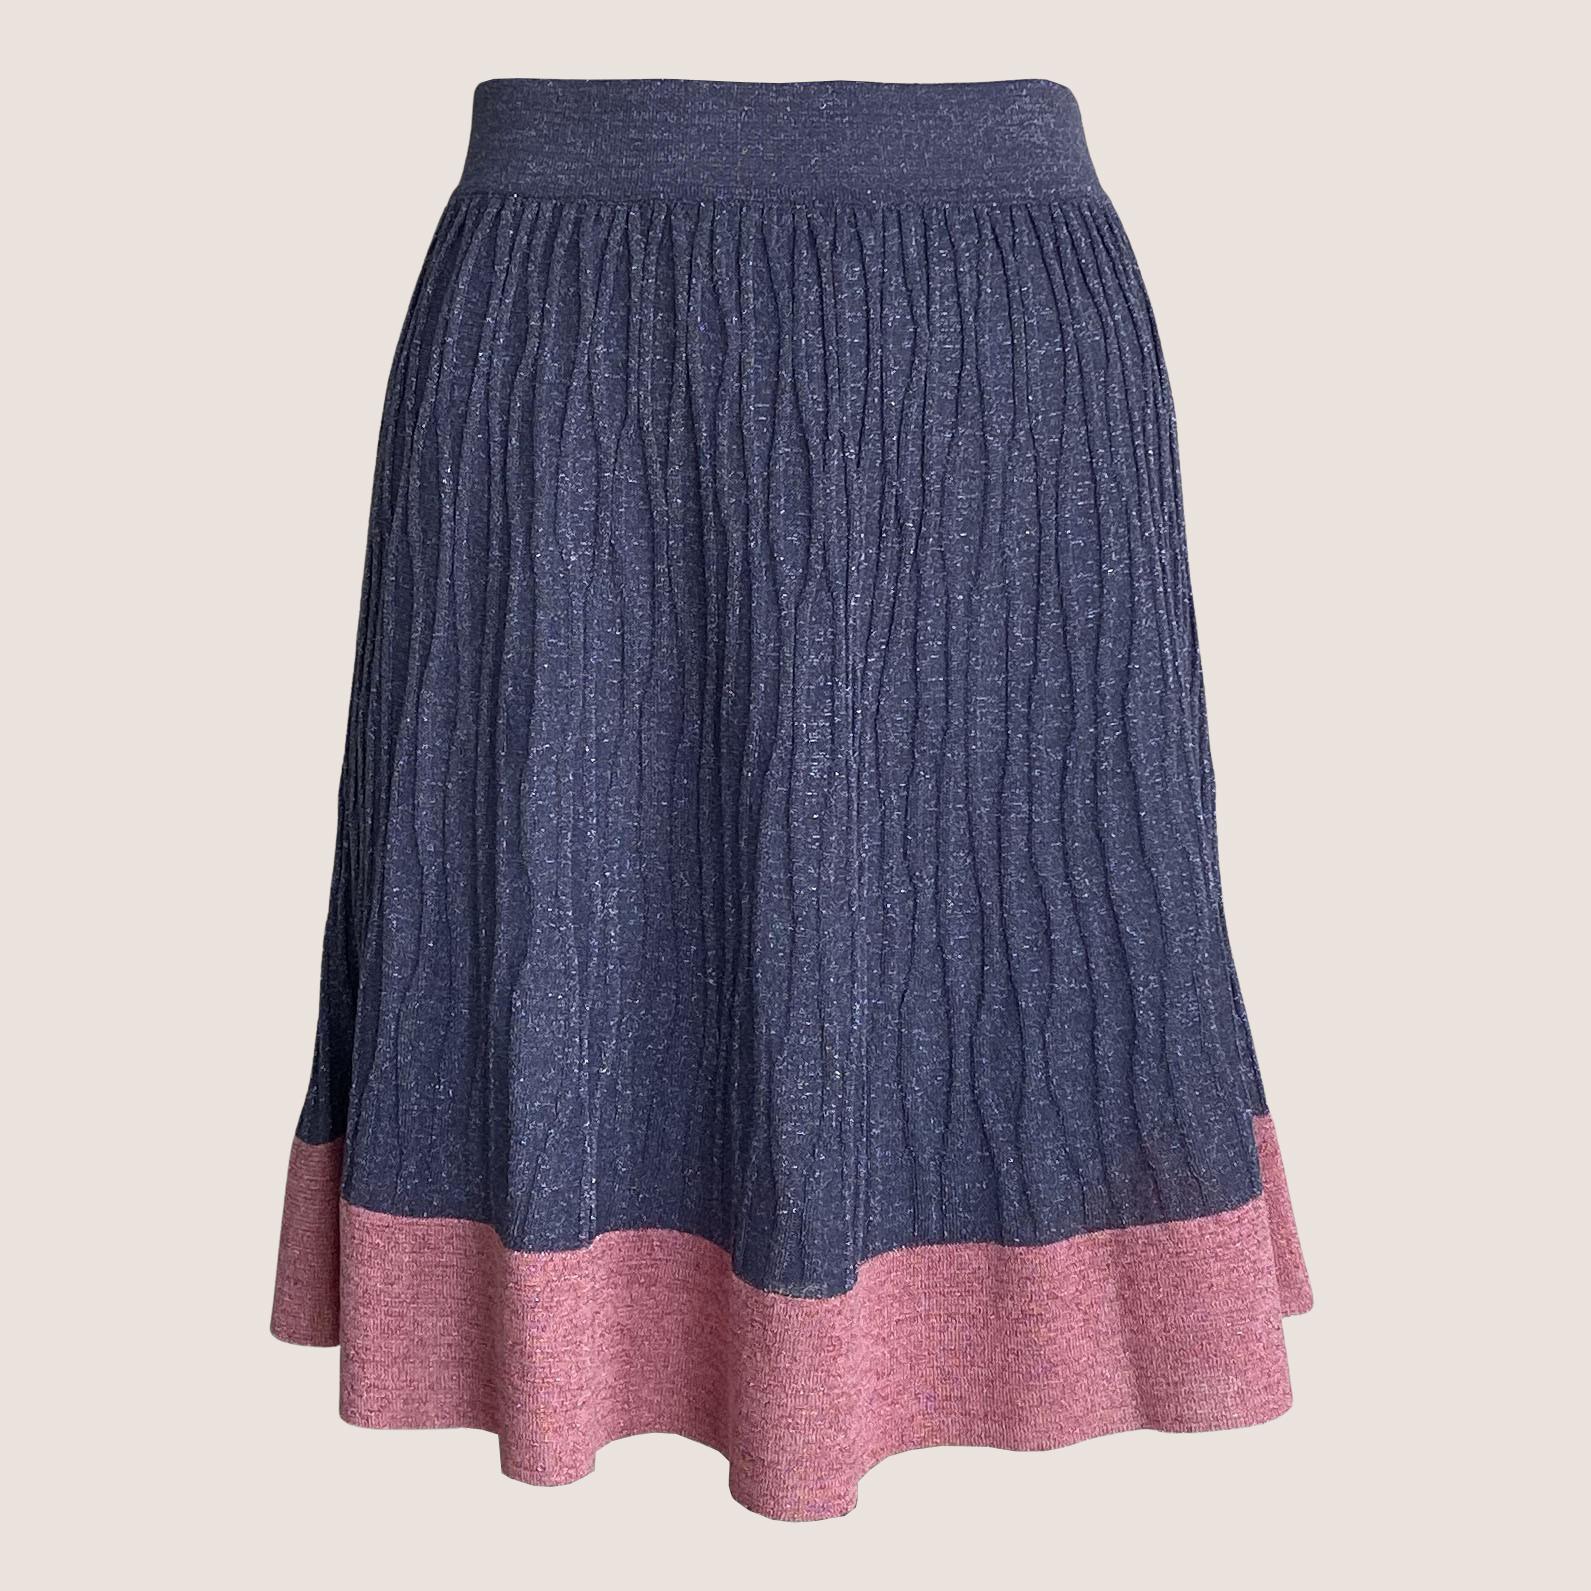 Short Glitter Skirt